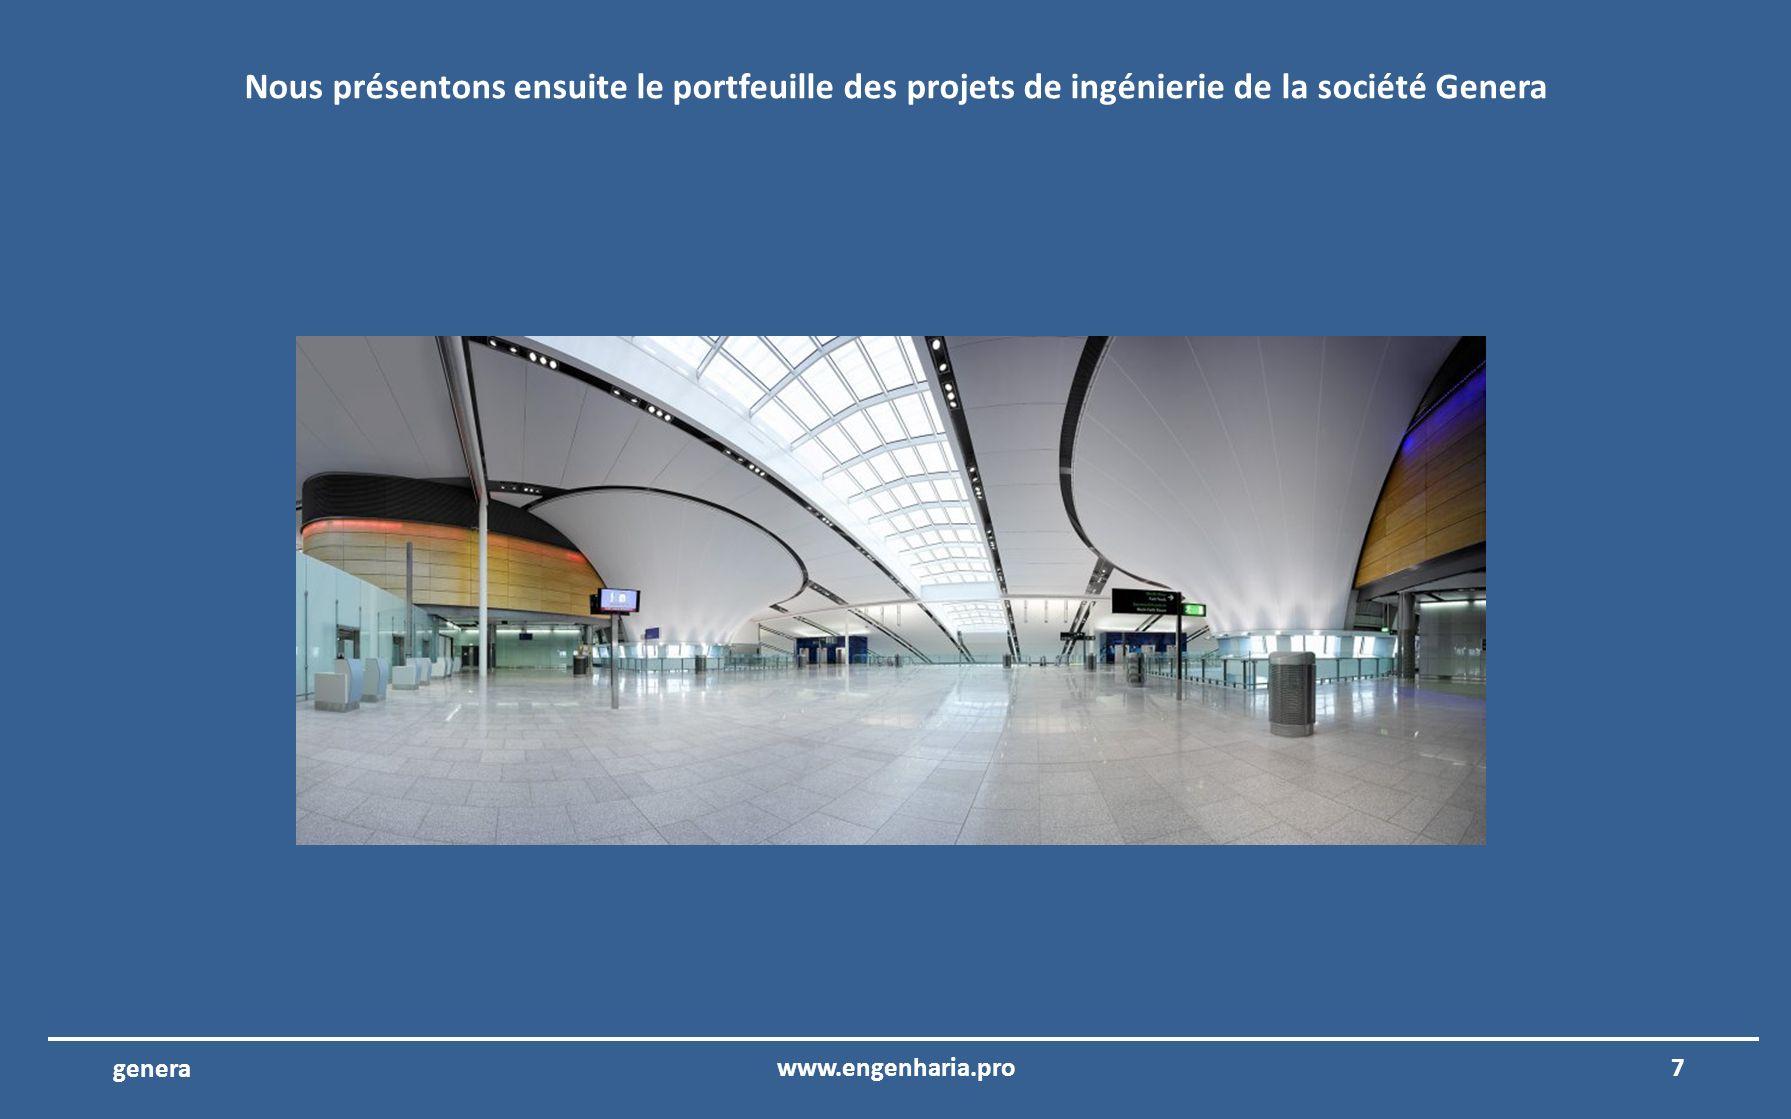 Projets des Batiments Residentiels, Services, Tourisme et Sportifs: Centre de logistique Garland, Maia - Portugal; Centre d'affaires Sonils-Sonangol,